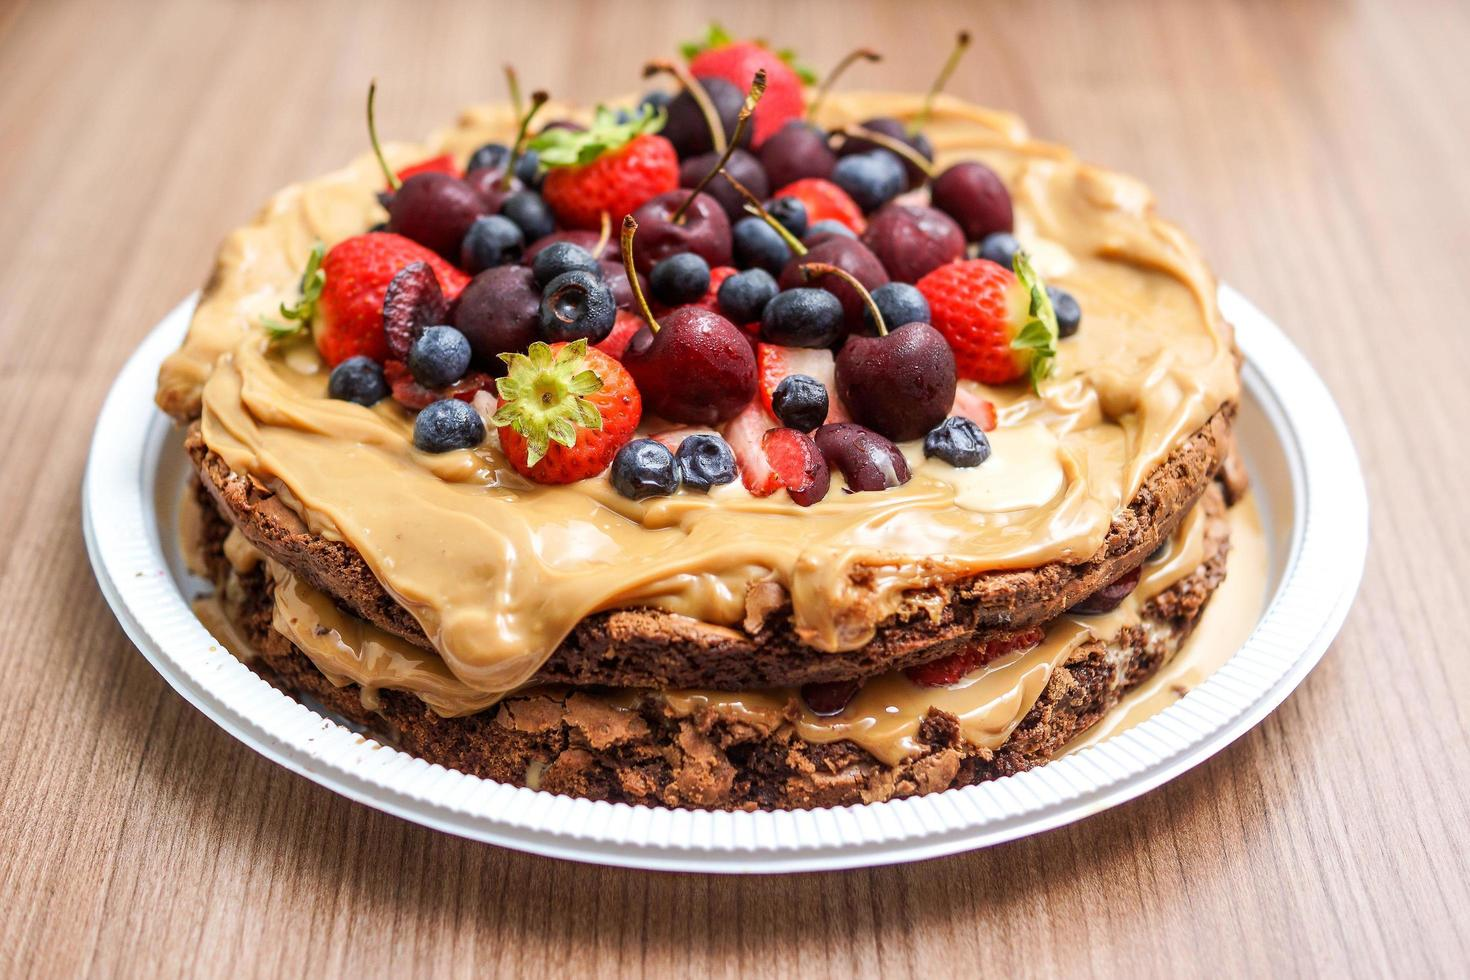 torta di biscotti ricoperta di frutta foto